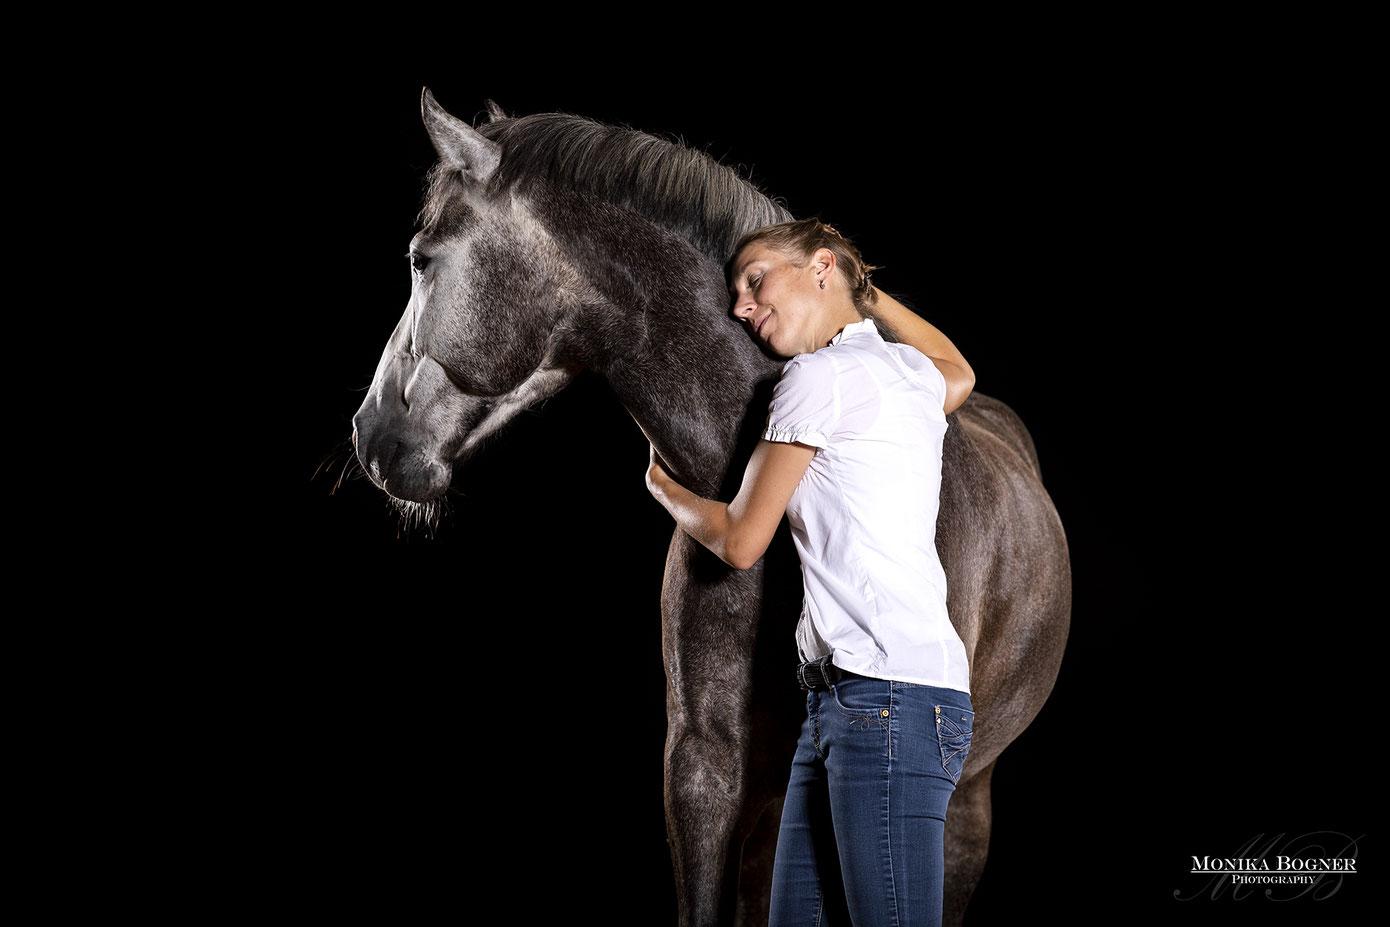 Pferde im Studio, Pferde vor schwarzem Hintergrund, Pferdefotografie, Pferd und Mensch